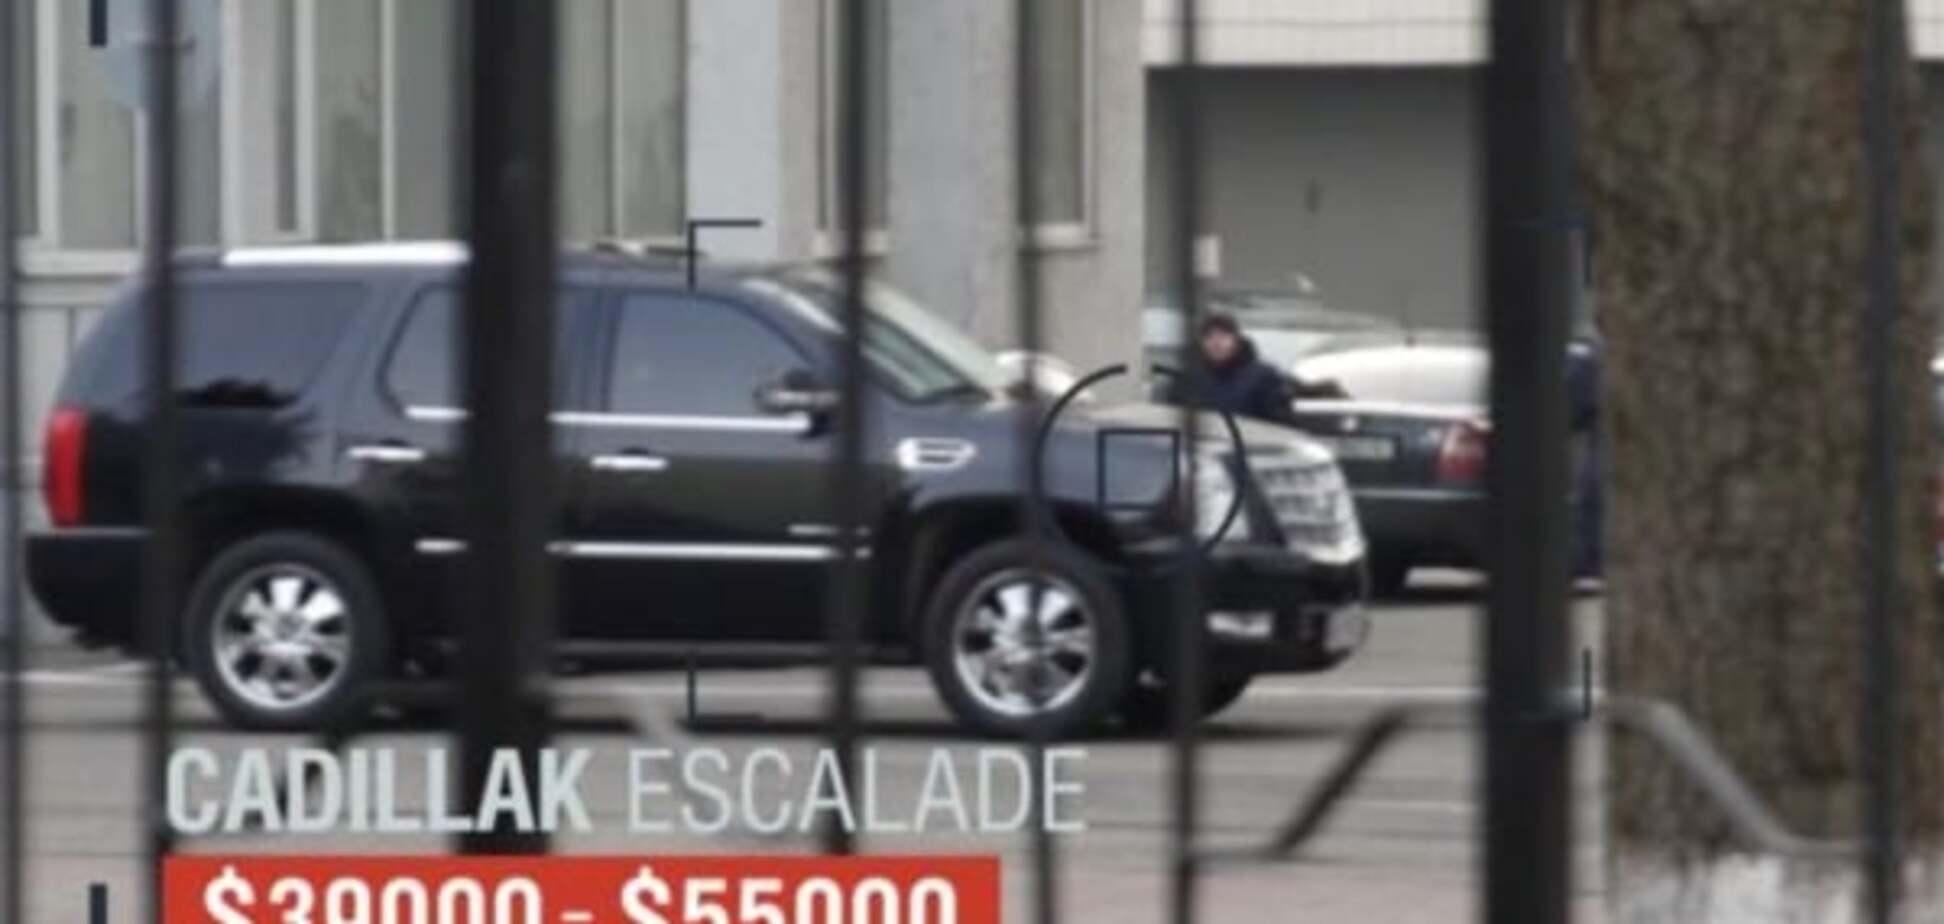 От Toyota до Cadillac: СМИ показали люксовый секретный автопарк МВД. Опубликовано видео